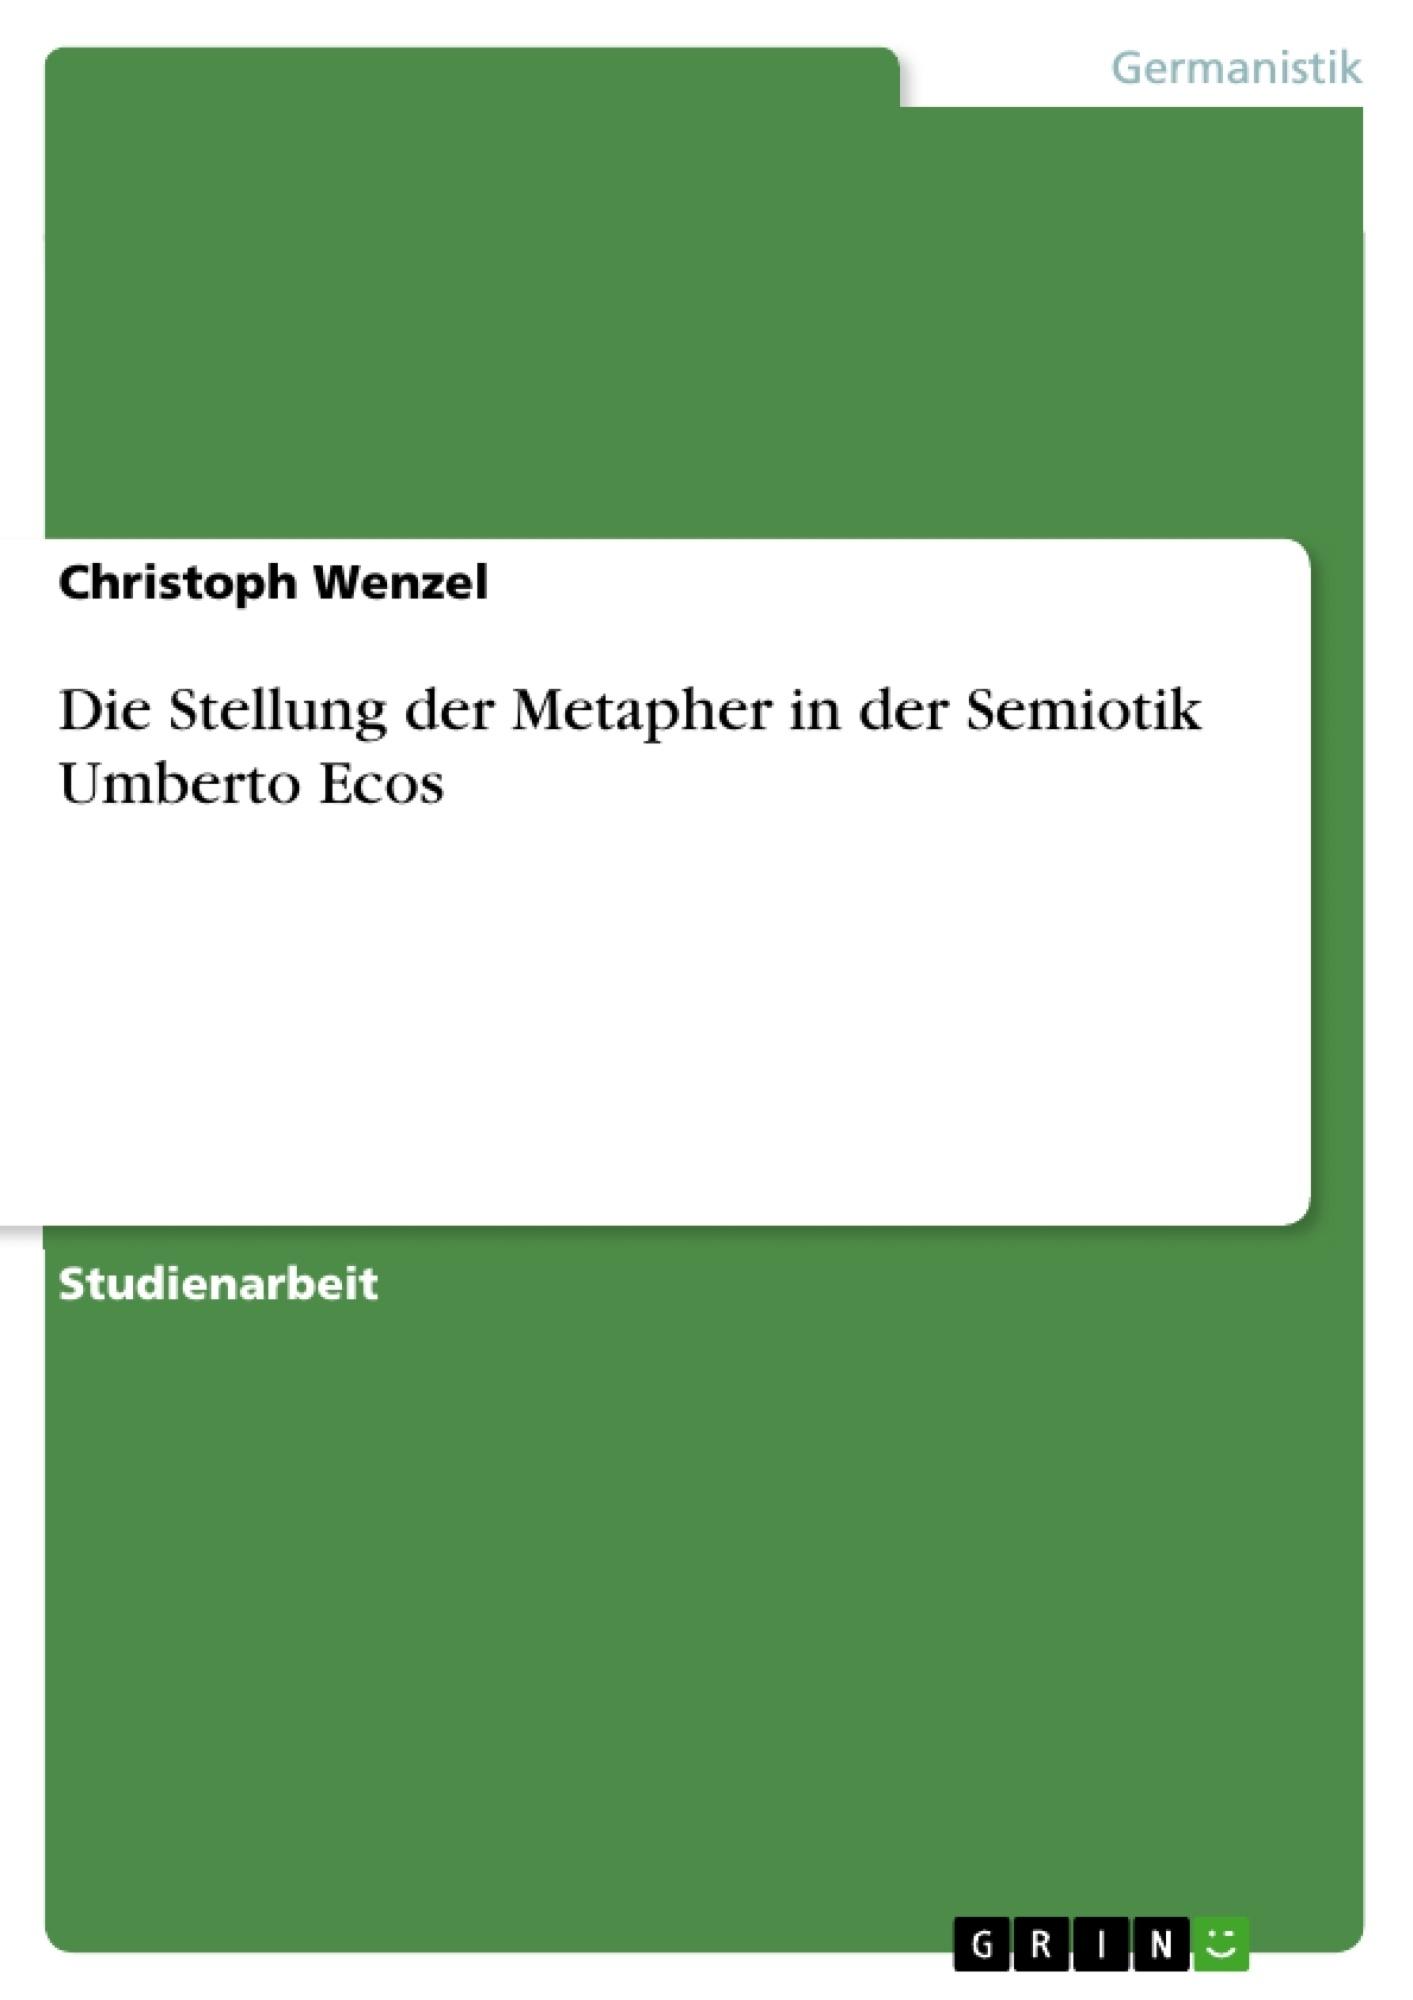 Titel: Die Stellung der Metapher in der Semiotik Umberto Ecos